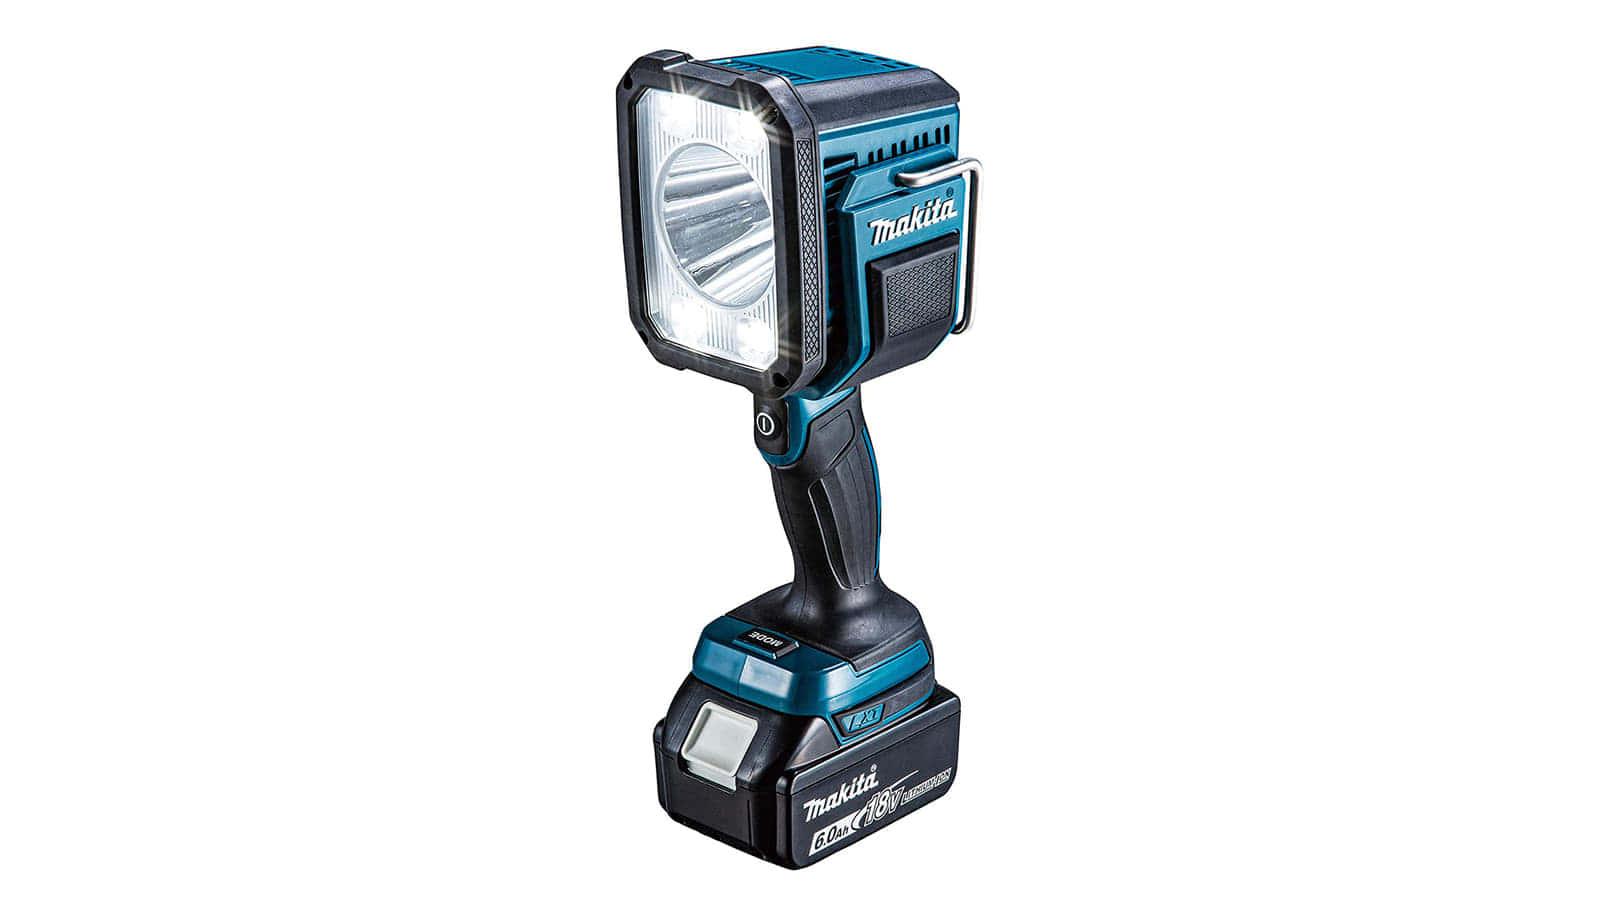 マキタ ML812 充電式ライト、コンパクトサイズで1,250lmの大光量